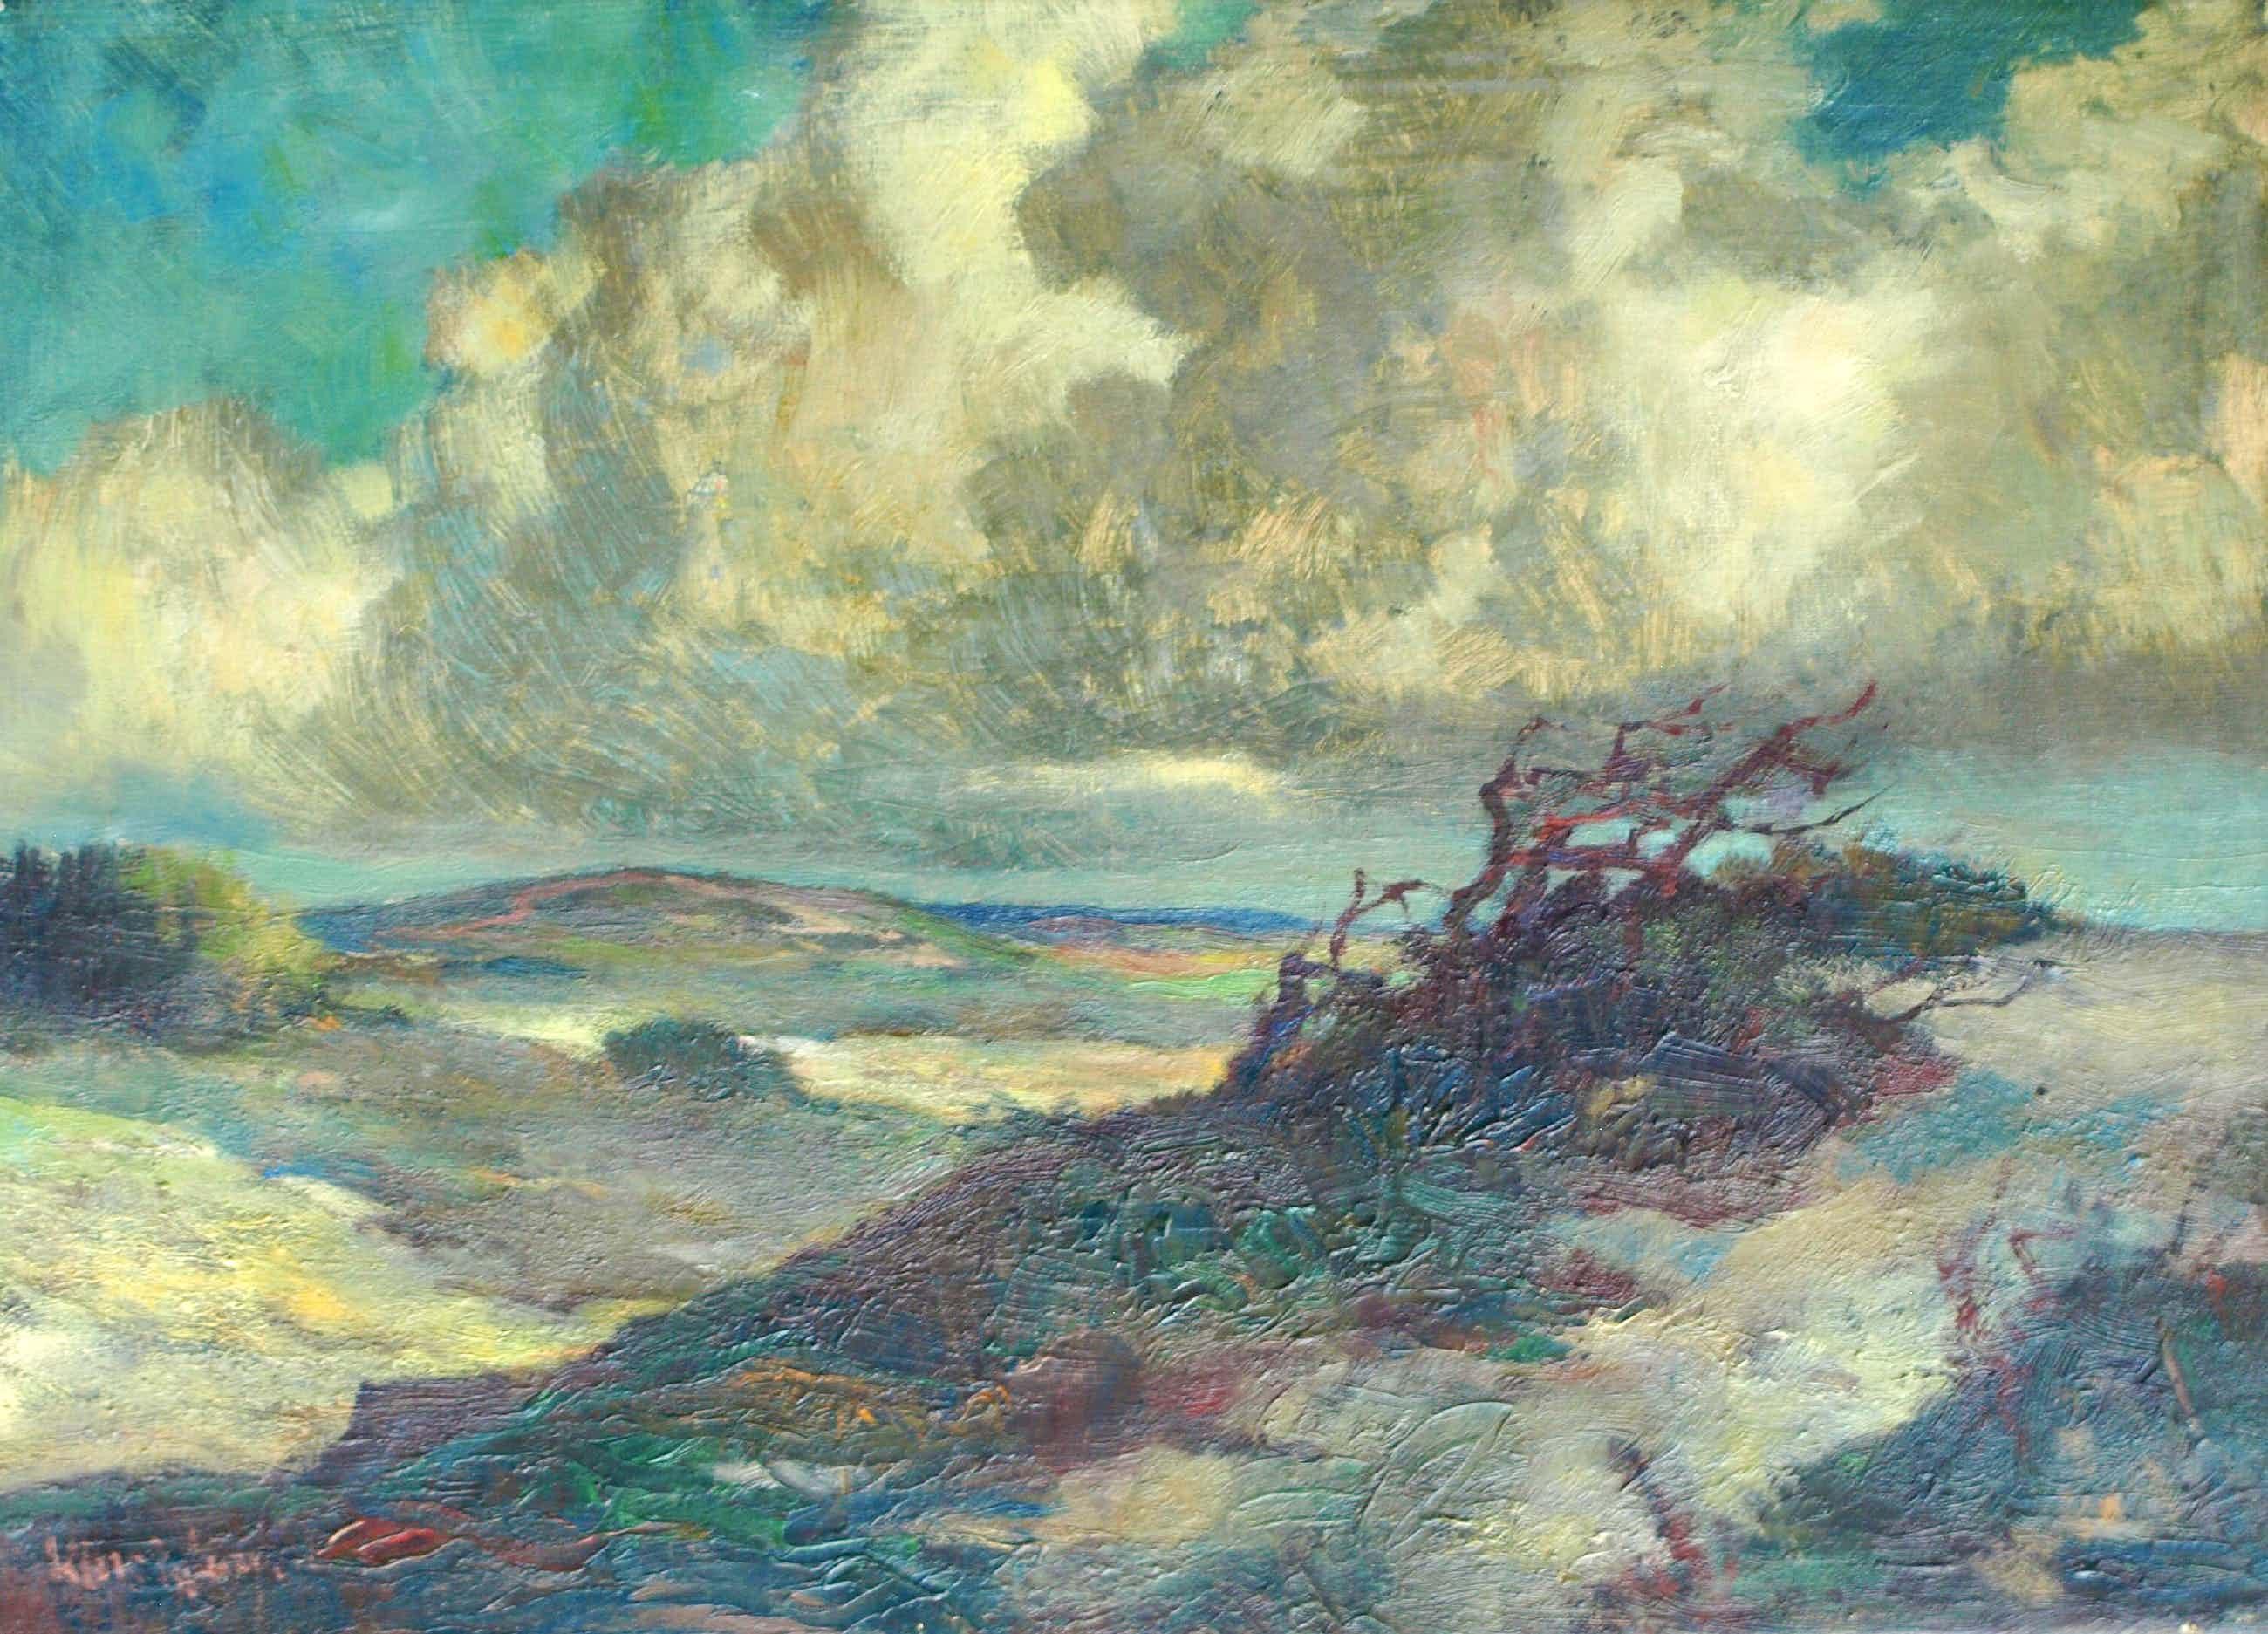 Klaas Pijlman - Olieverf op doek , Duinlandschap met dreigende lucht – 50 x 70 cm. kopen? Bied vanaf 55!